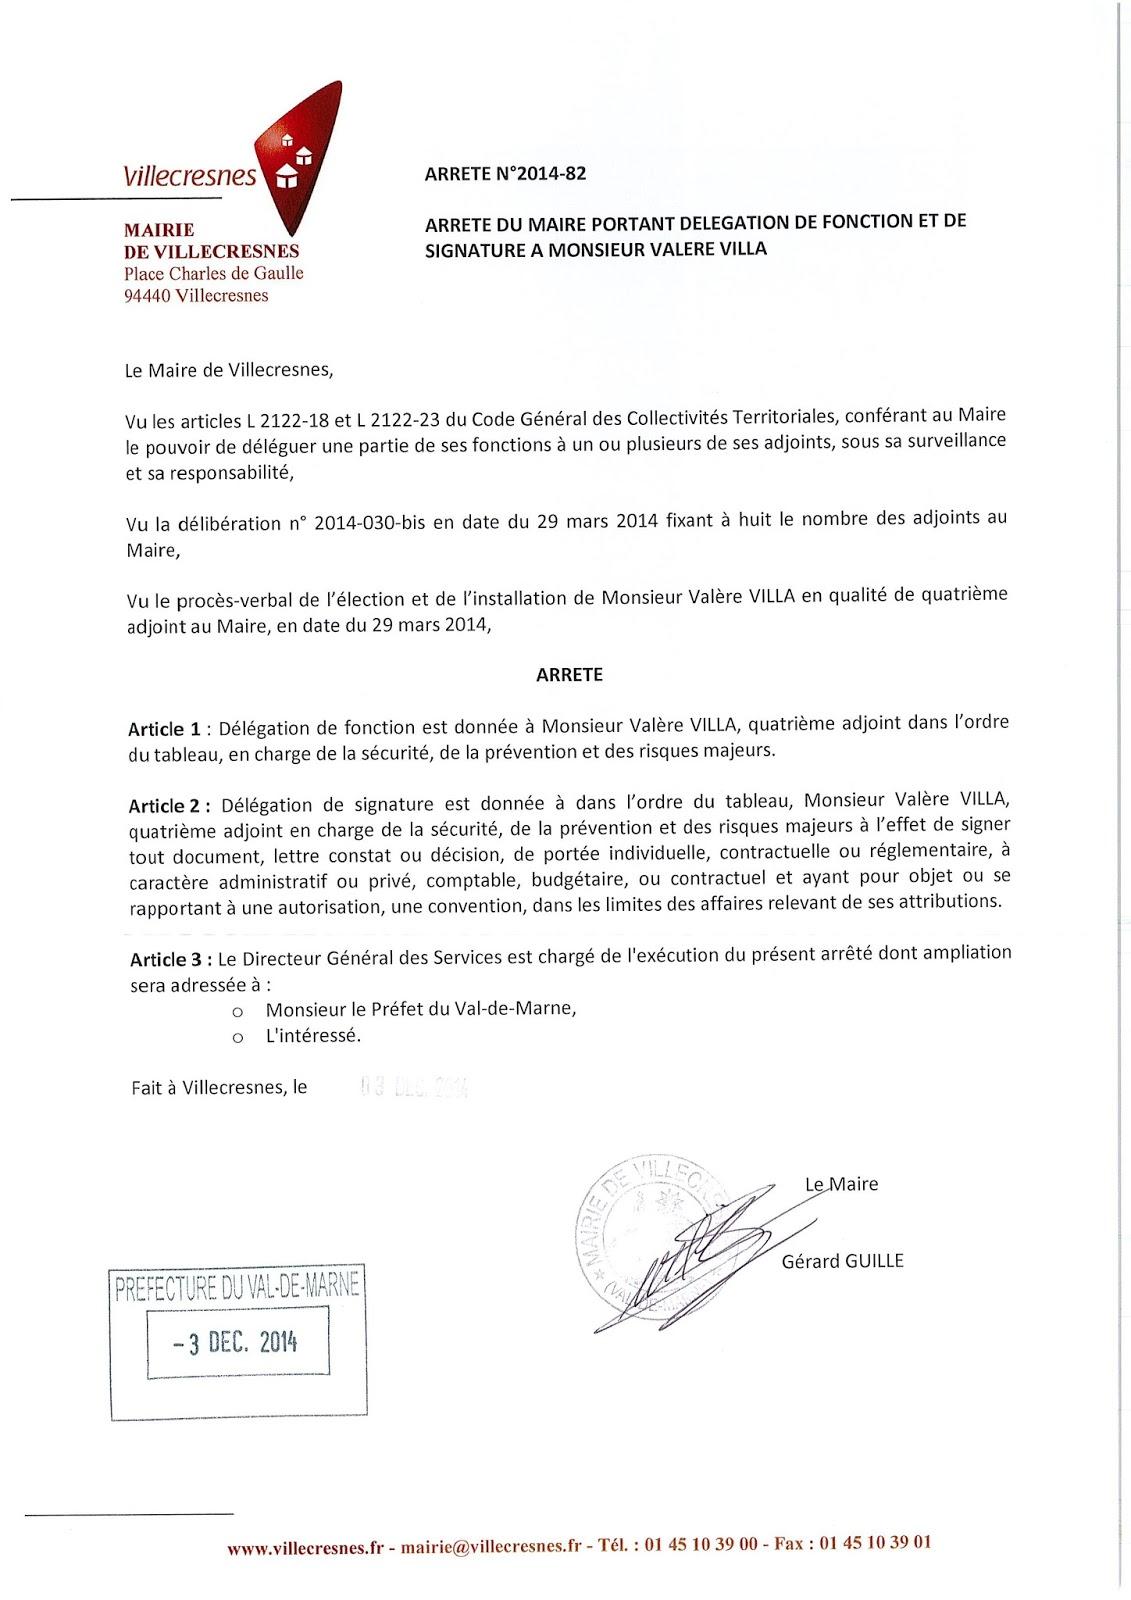 2014-082 Délégation de fonction et de signature à Monsieur Valère Villa